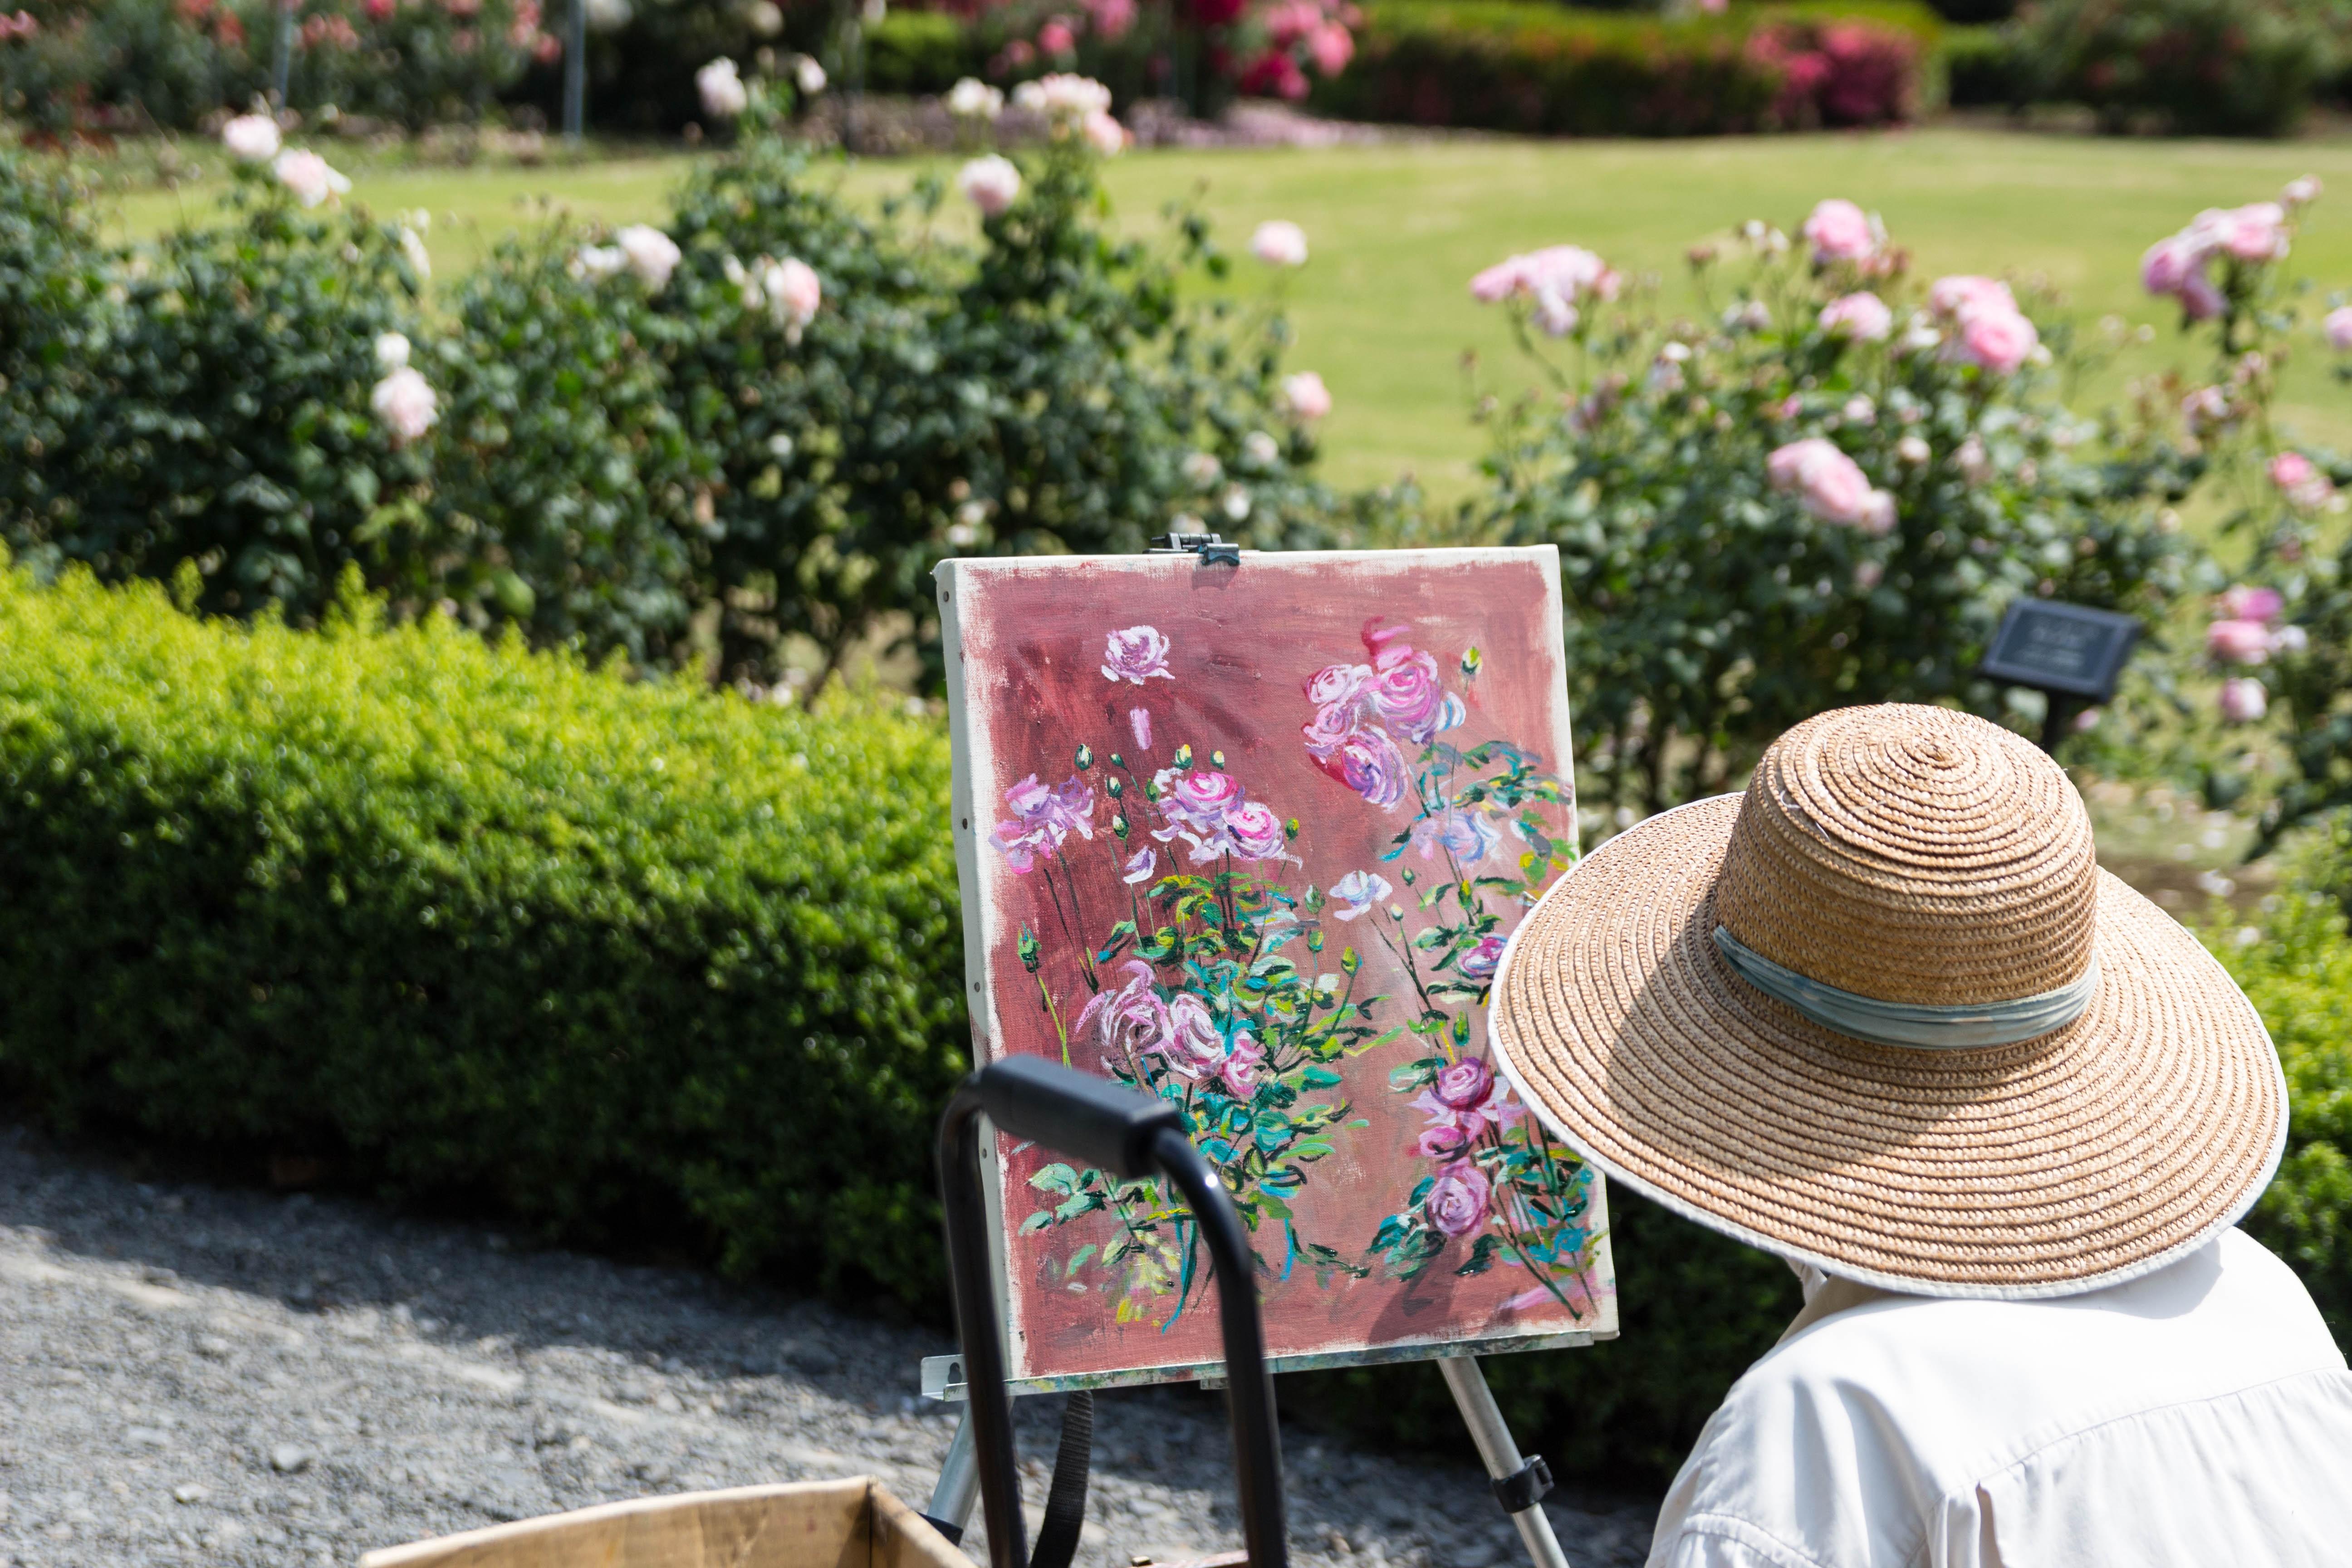 Bãi Cỏ Hoa Hoa Bông Hồng Mùa Xuân Vườn Tác Phẩm Nghệ Thuật Bức Vẽ Nghệ